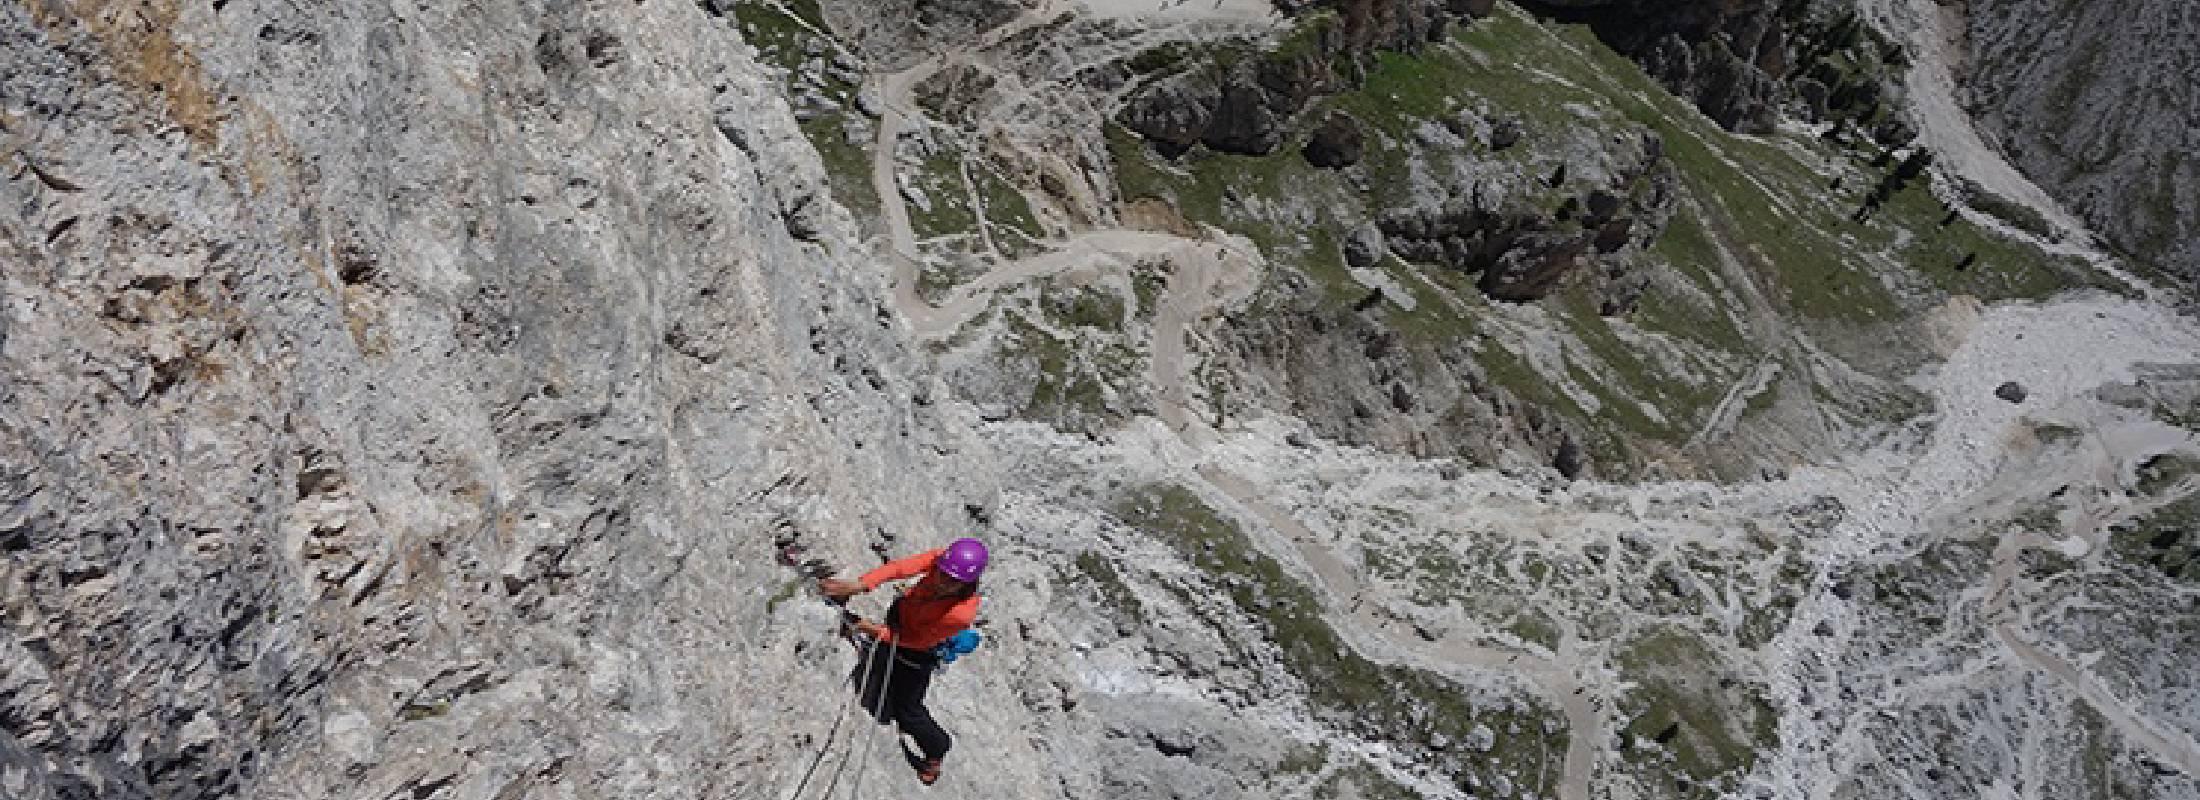 Los dolomitas en italia, escalada en roca.